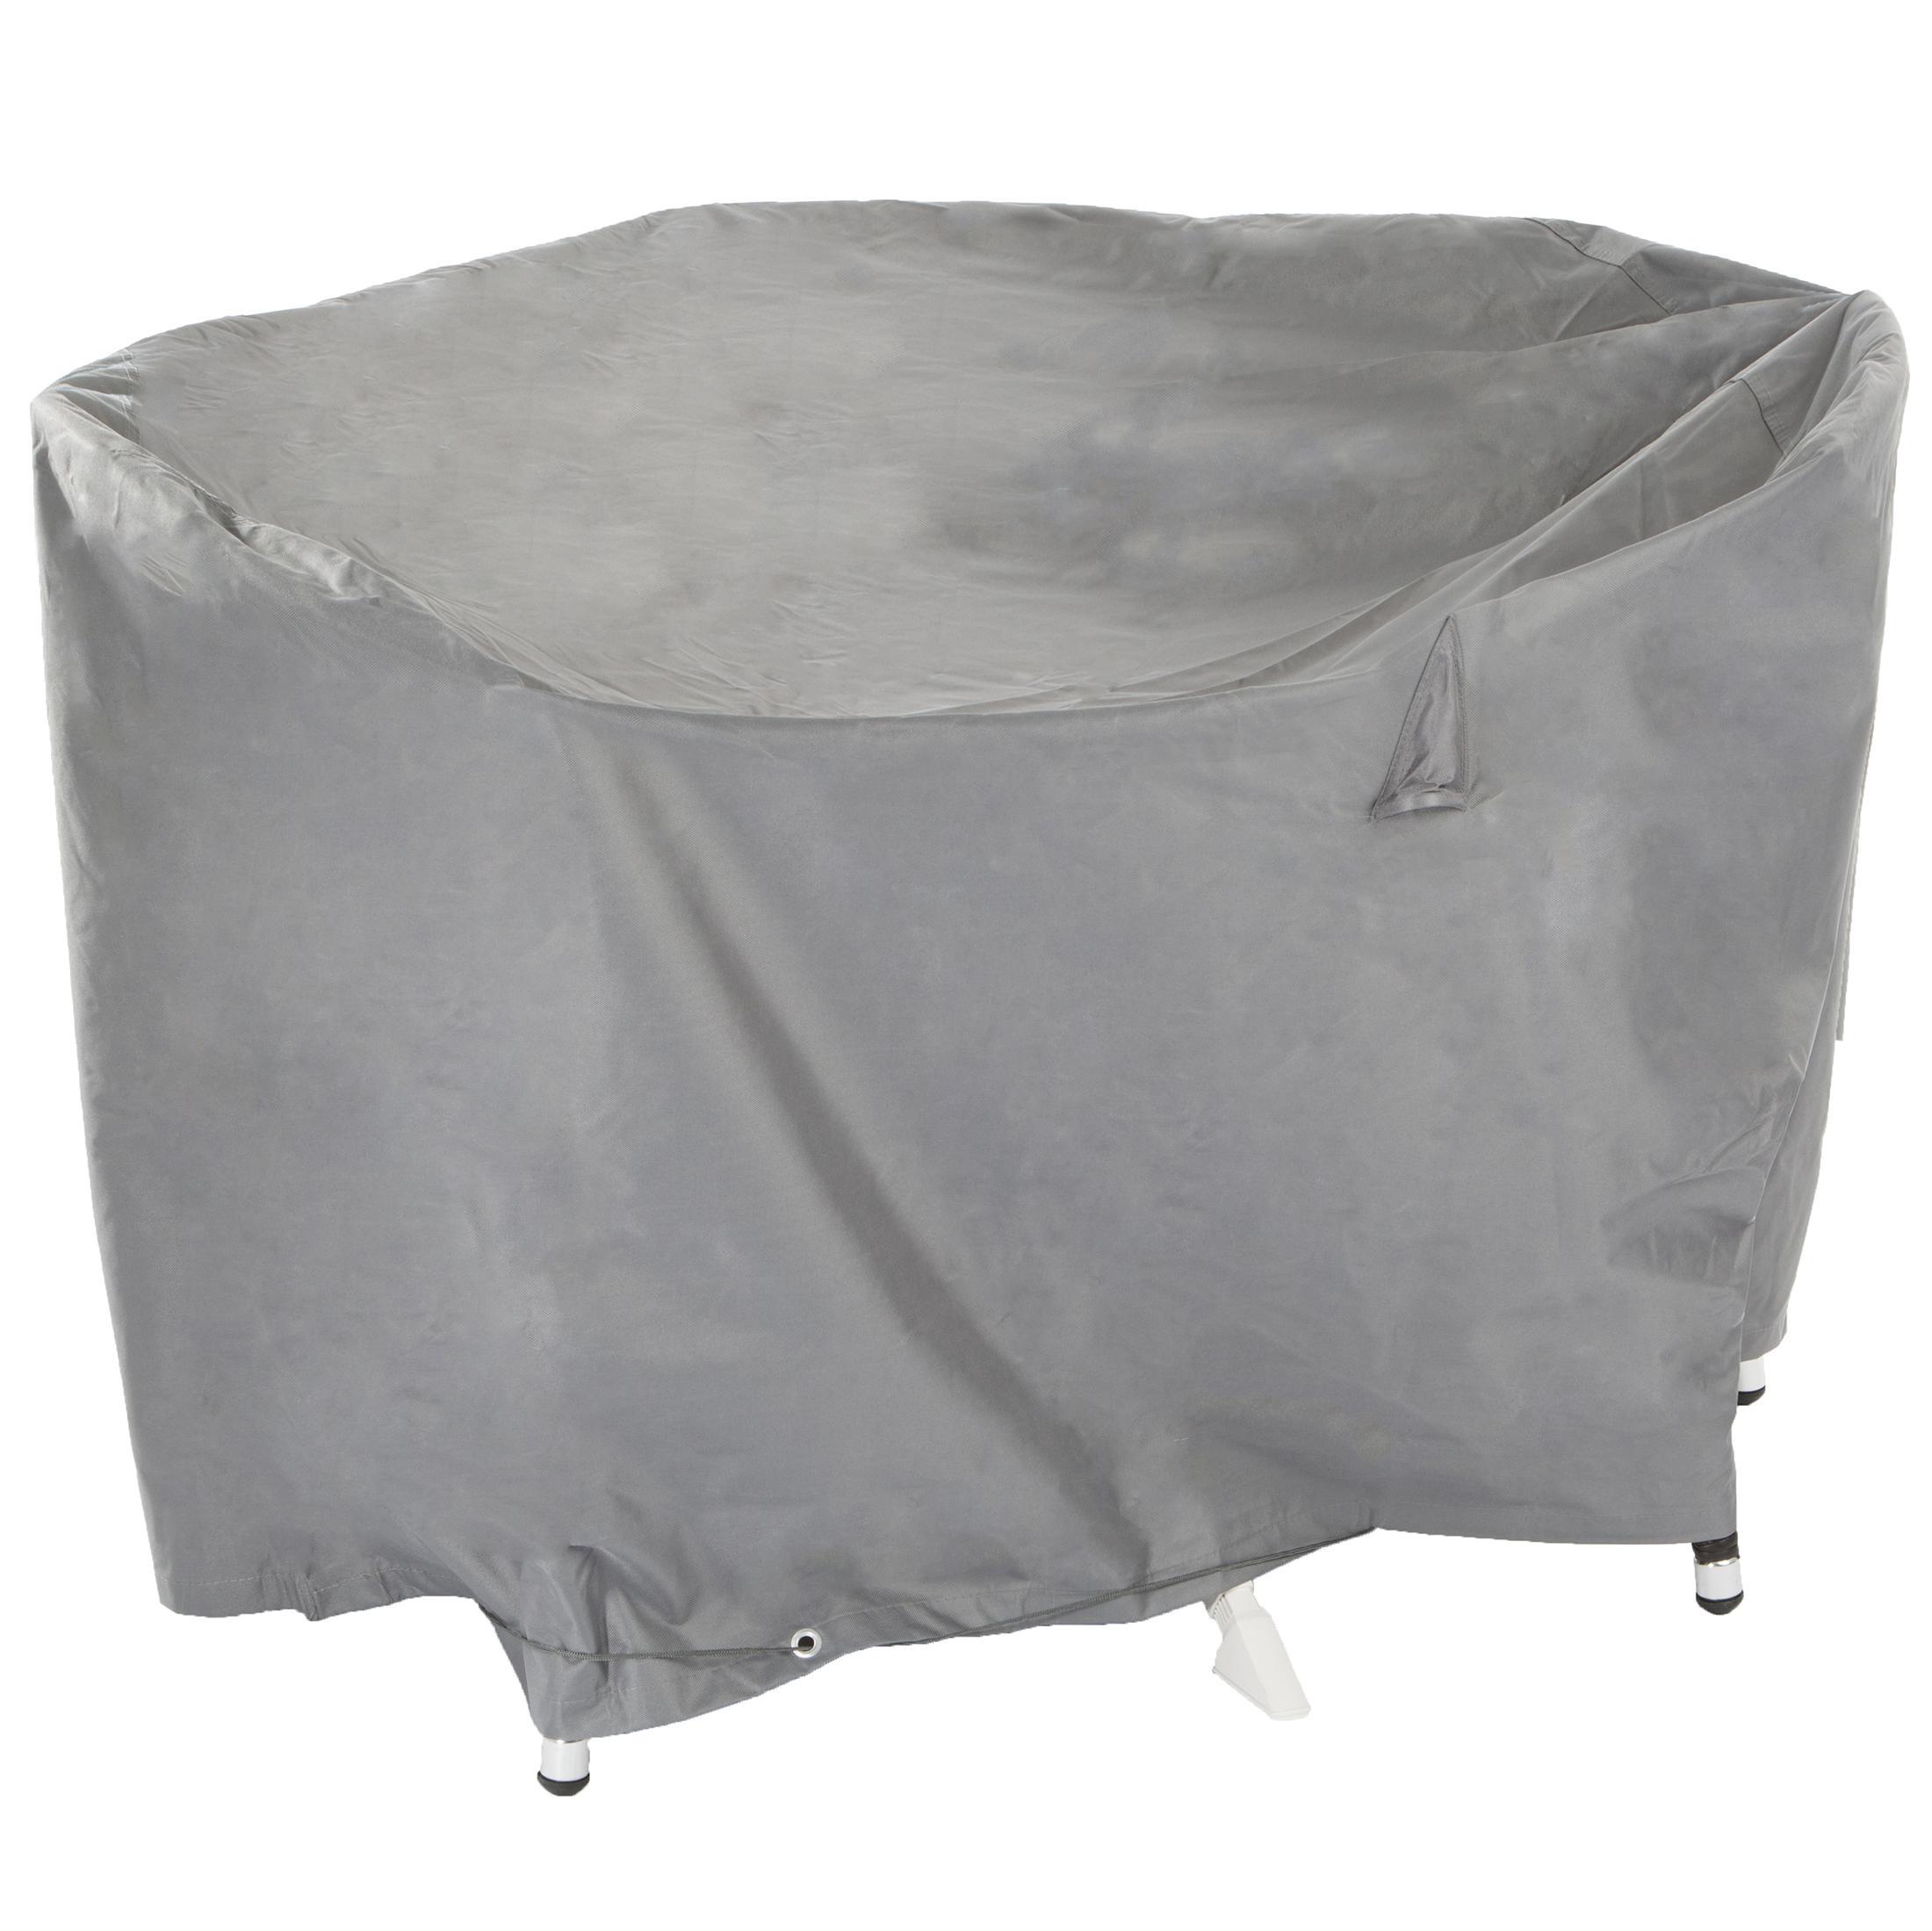 1St Schutzhüllen Gartenmöbel Abdeckung 10 Sitzer Tischset Schutzplane